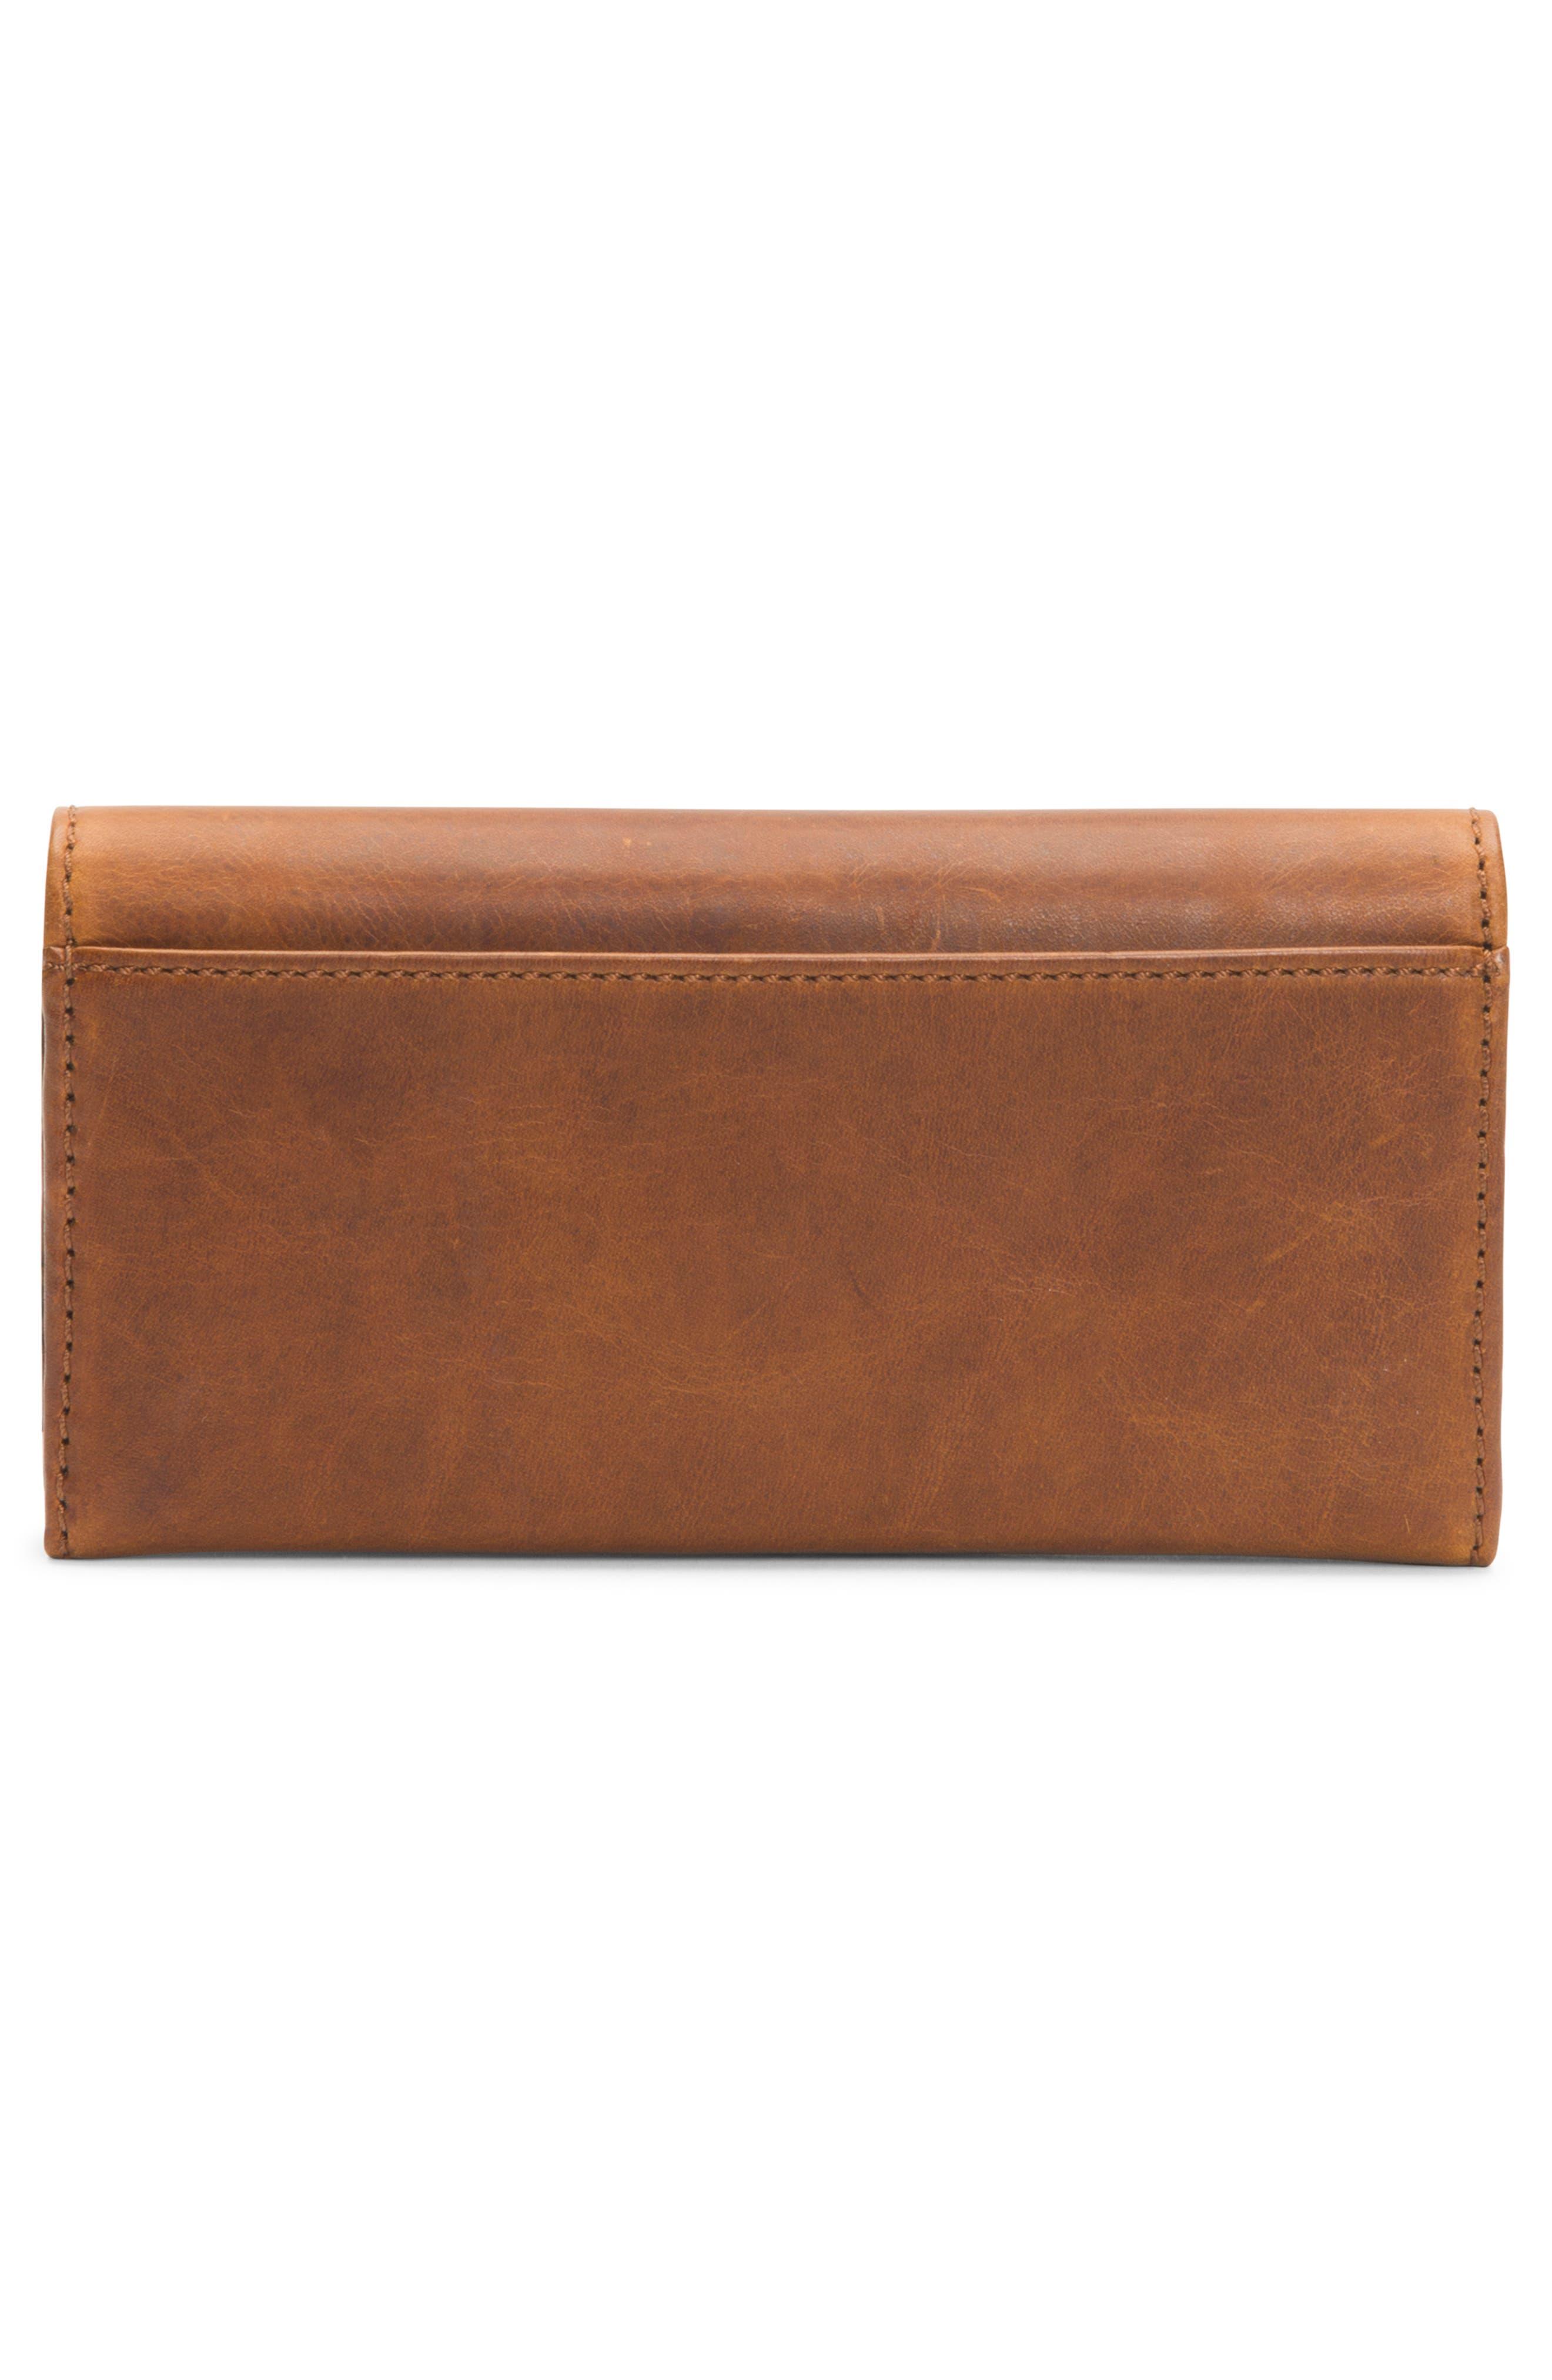 Melissa Leather Wallet,                             Alternate thumbnail 4, color,                             COGNAC